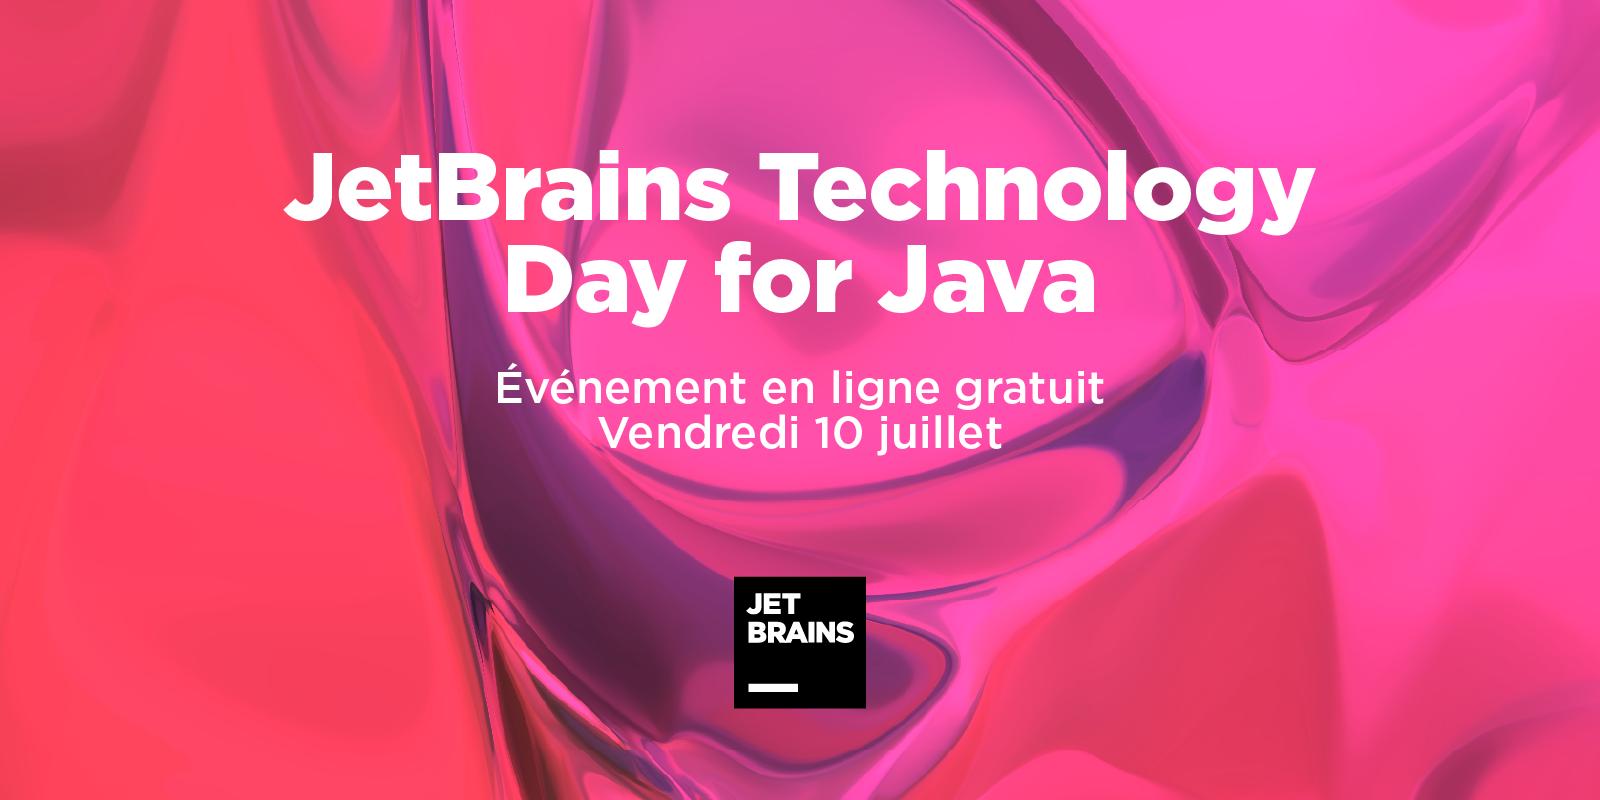 Événement en ligne gratuit JetBrains Technology Day for Java le 10 juillet